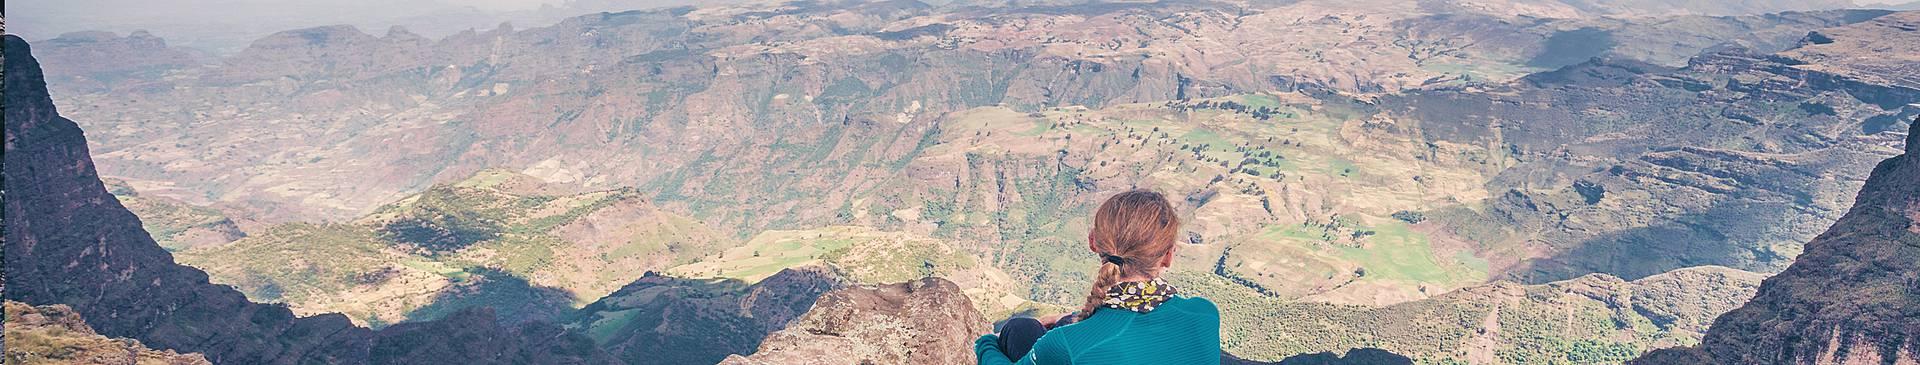 Viajes a Etiopía en verano